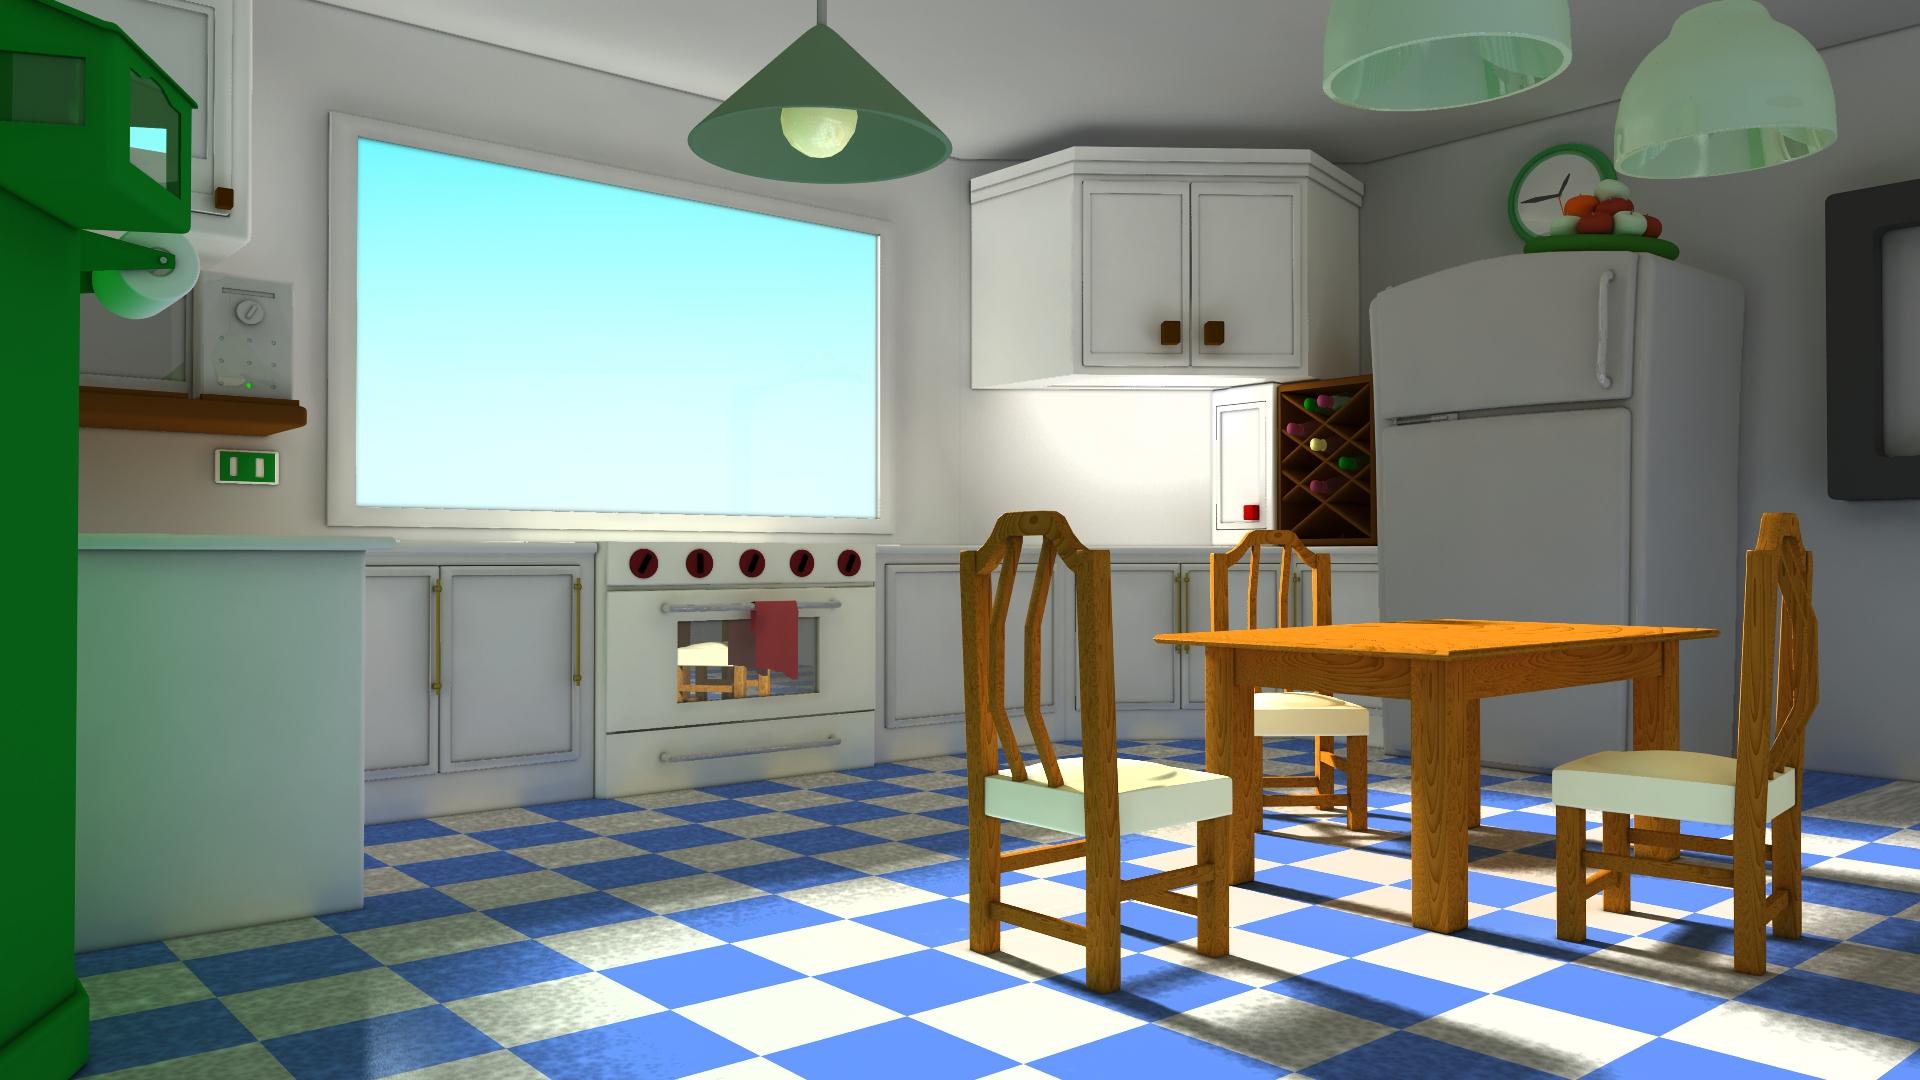 [Softimage XSI] Cocina para una animación